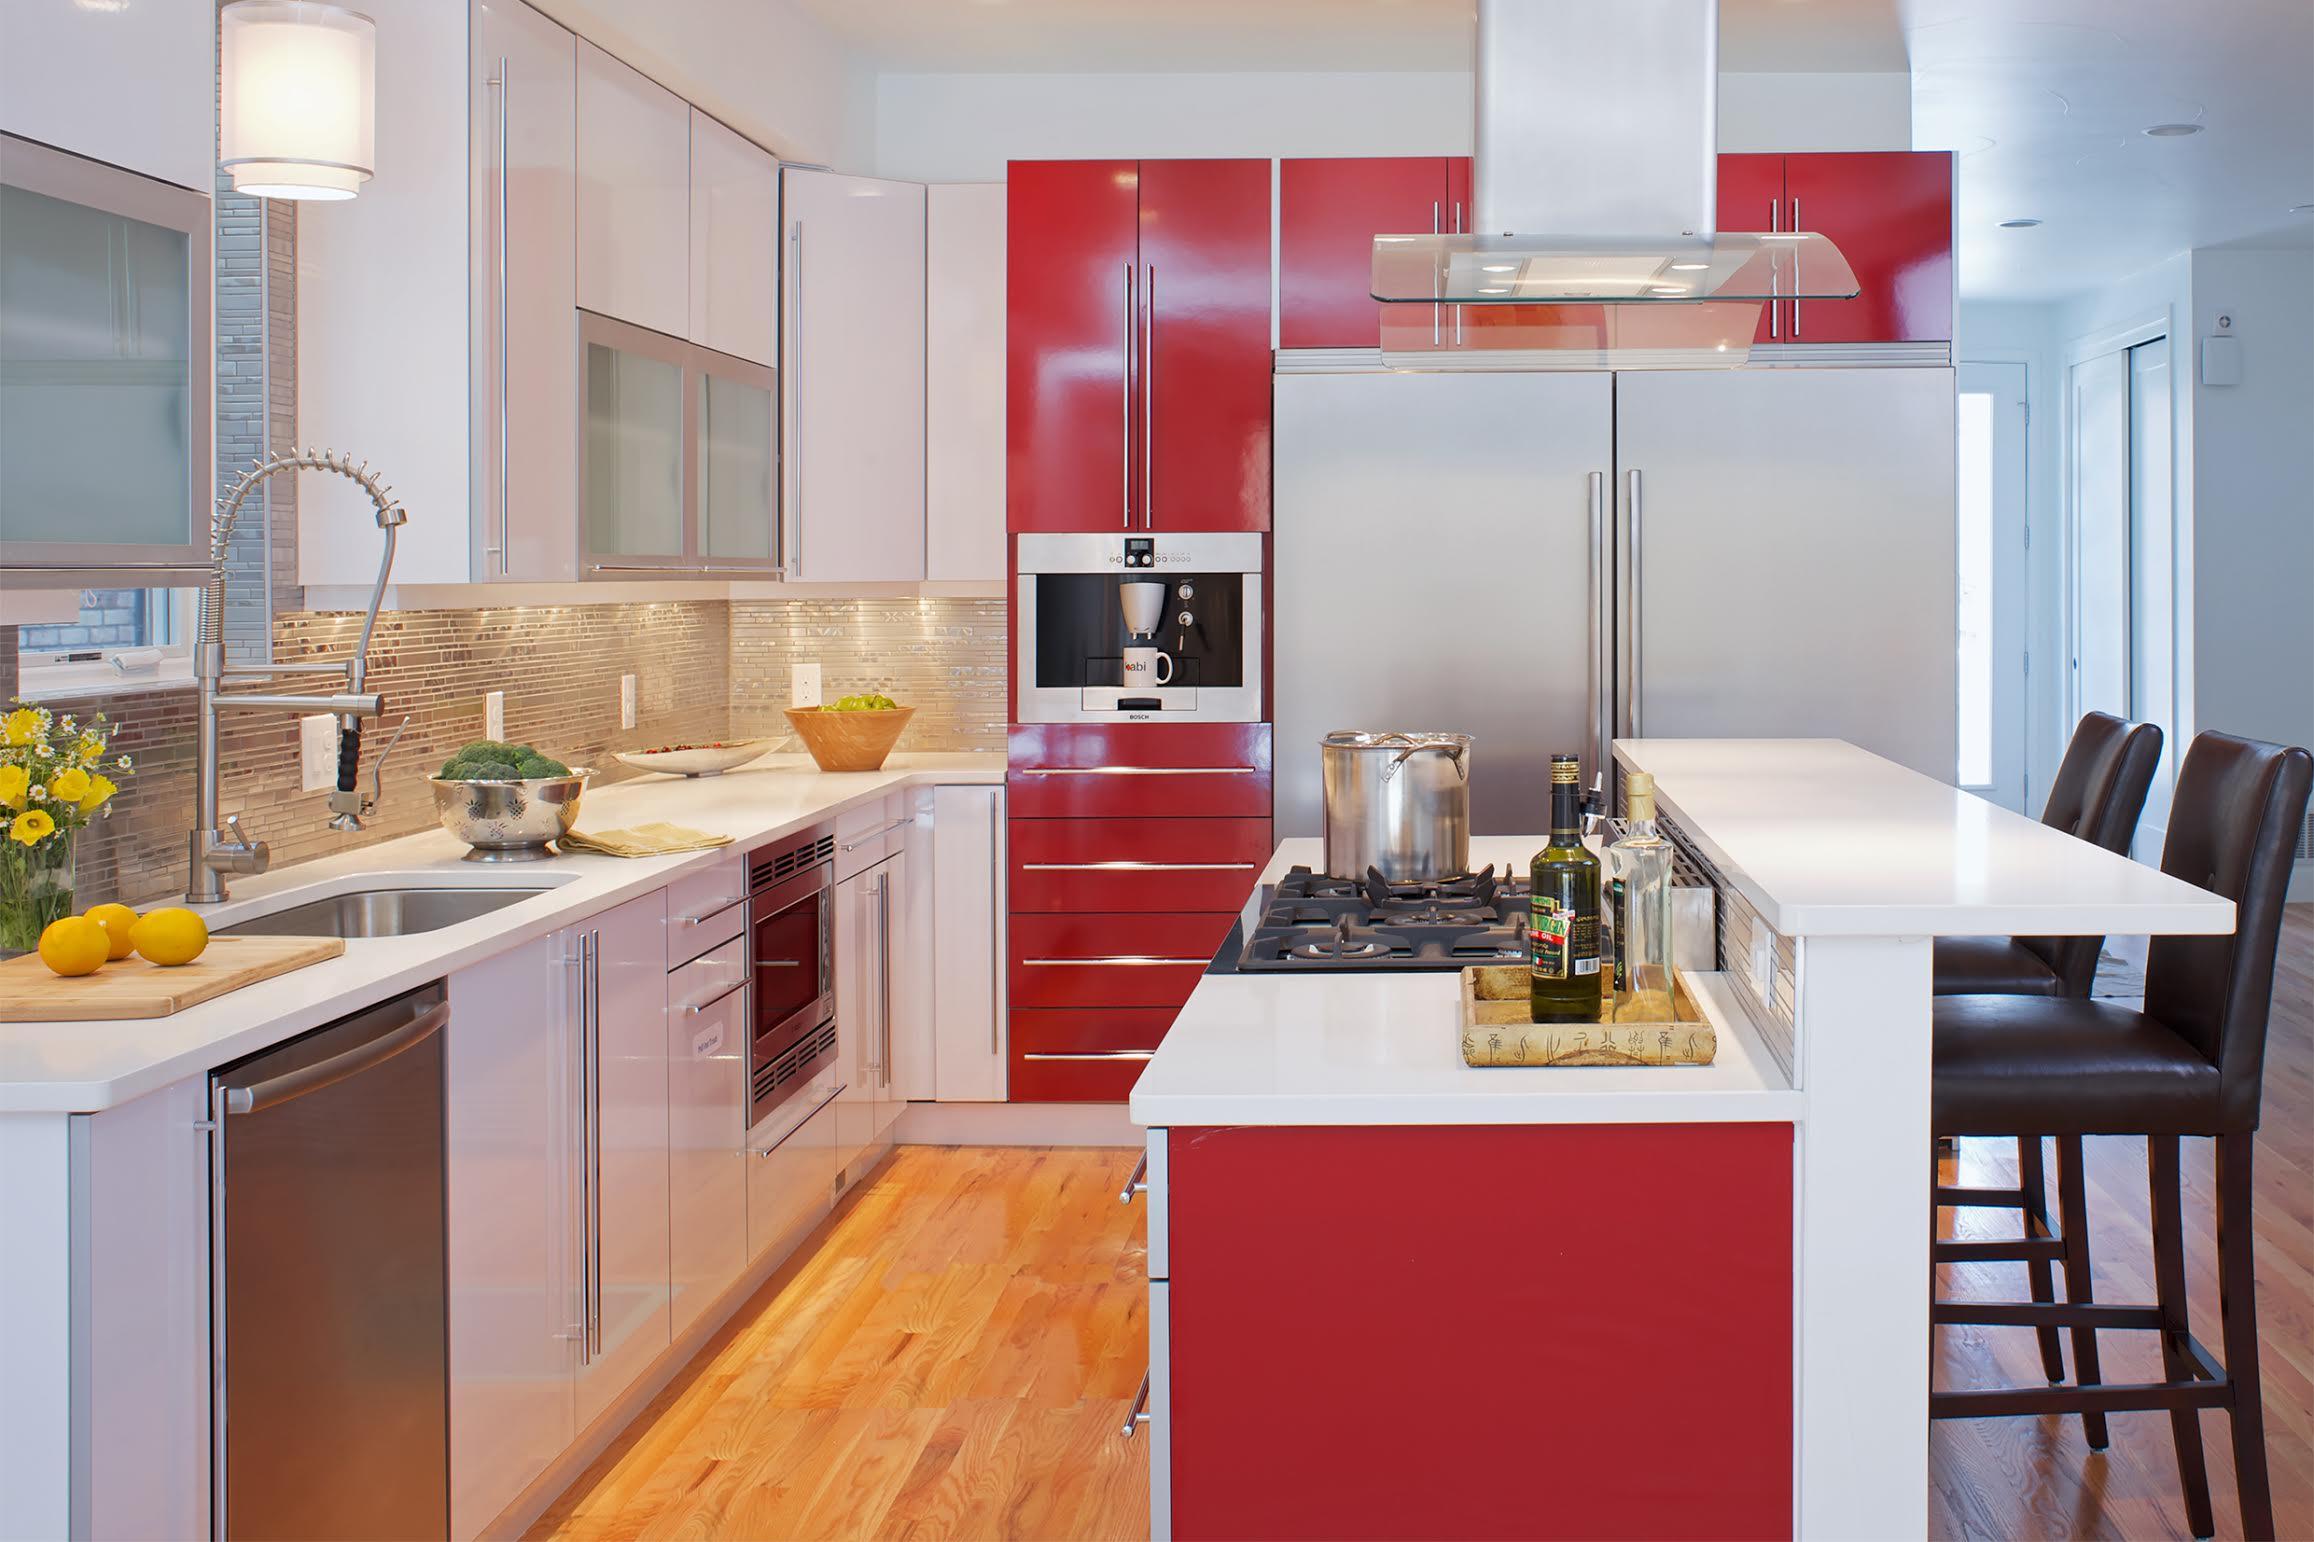 red kitchen edited.jpg